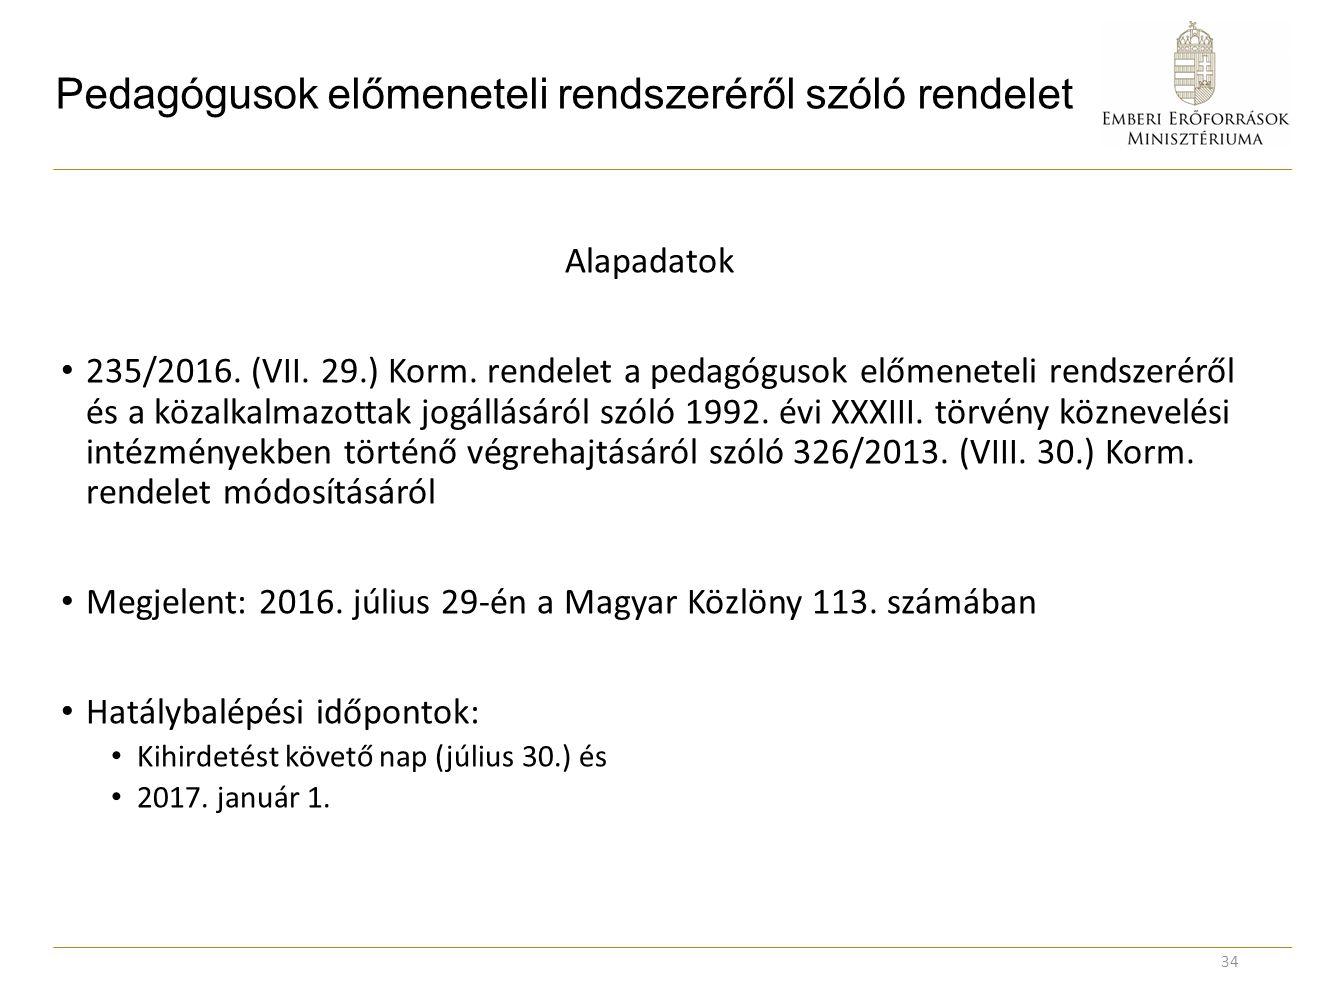 Pedagógusok előmeneteli rendszeréről szóló rendelet Alapadatok 235/2016. (VII. 29.) Korm. rendelet a pedagógusok előmeneteli rendszeréről és a közalka